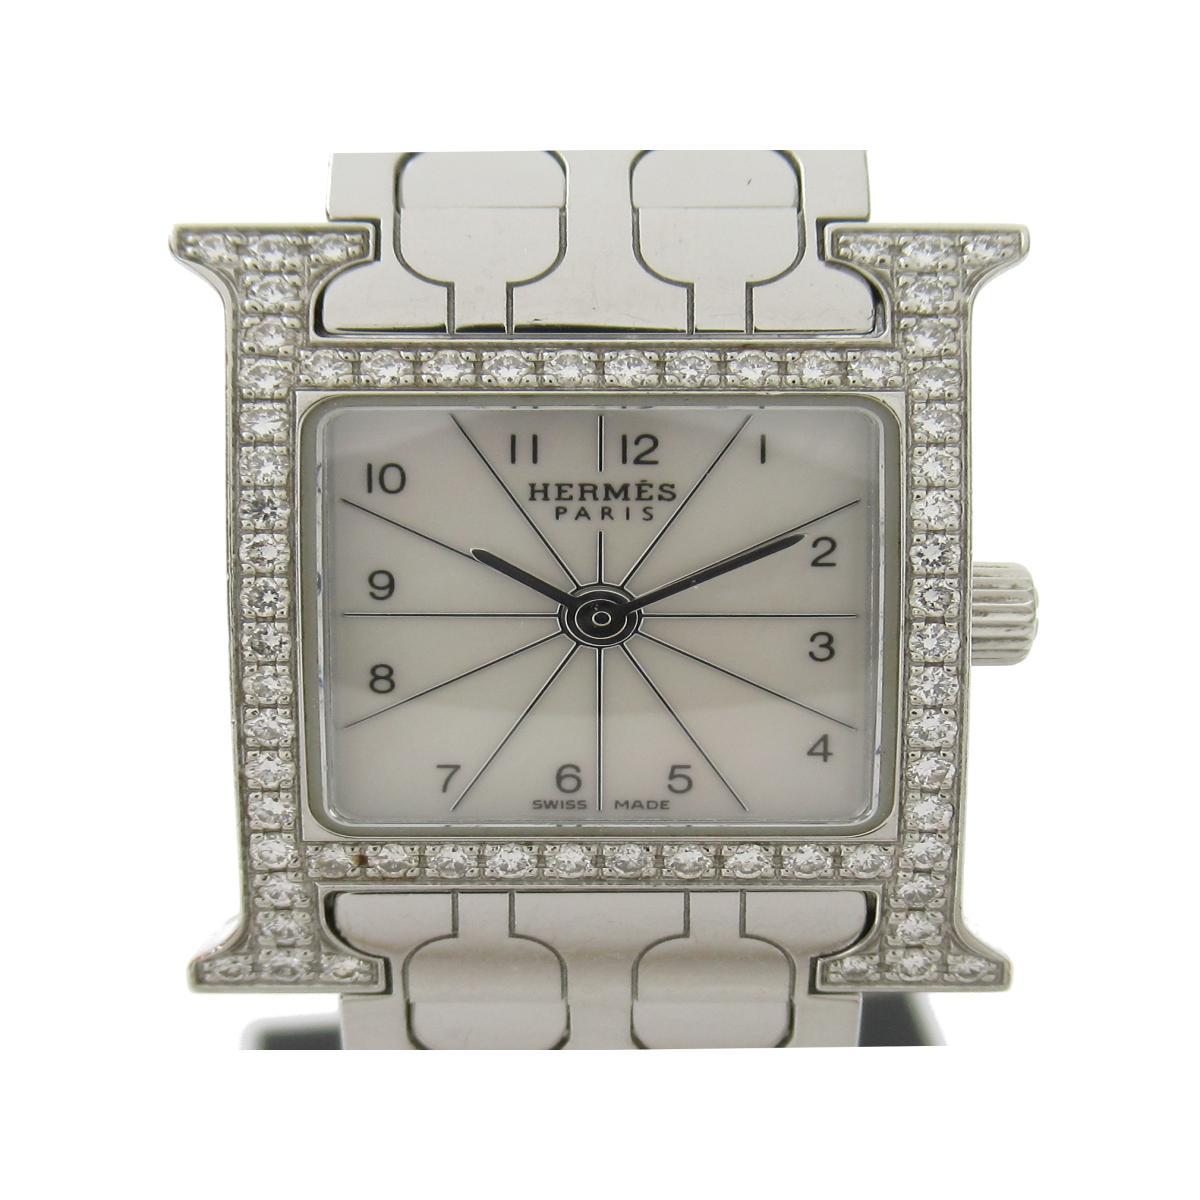 ≪期間限定≫メルマガ登録でクーポンGET! 【中古】 エルメス Hウォッチ ミニ ダイヤベゼル ウォッチ 腕時計 レディース ステンレススチール (SS) ダイヤモンド (HH1.130) | HERMES BRANDOFF ブランドオフ ブランド ブランド時計 ブランド腕時計 時計